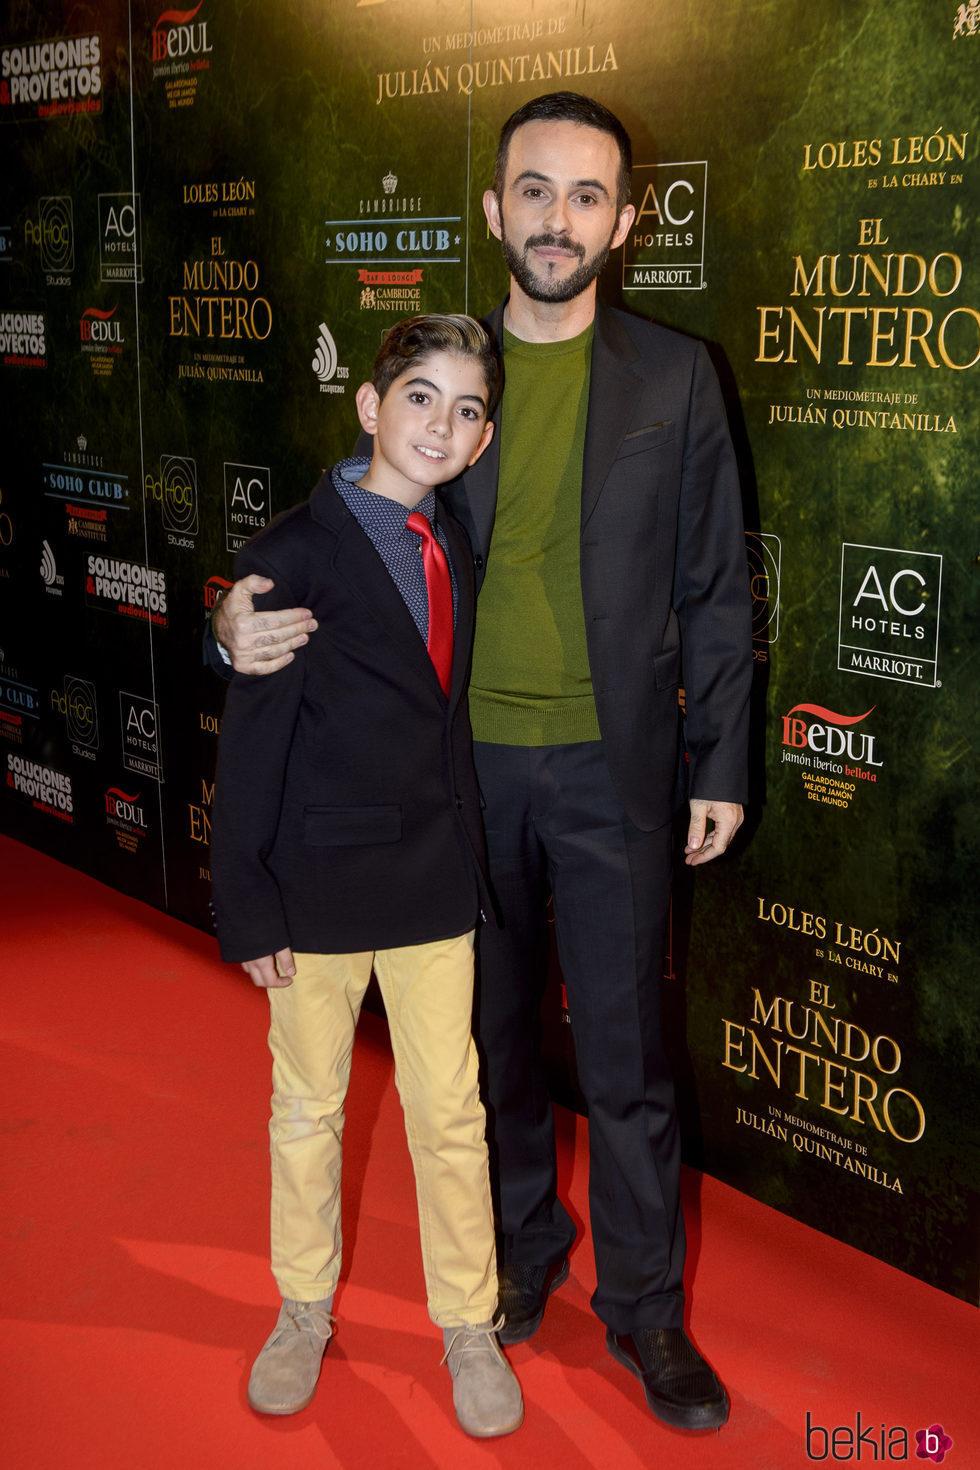 Julián Quintanilla y su hijo en el estreno de 'El mundo entero'